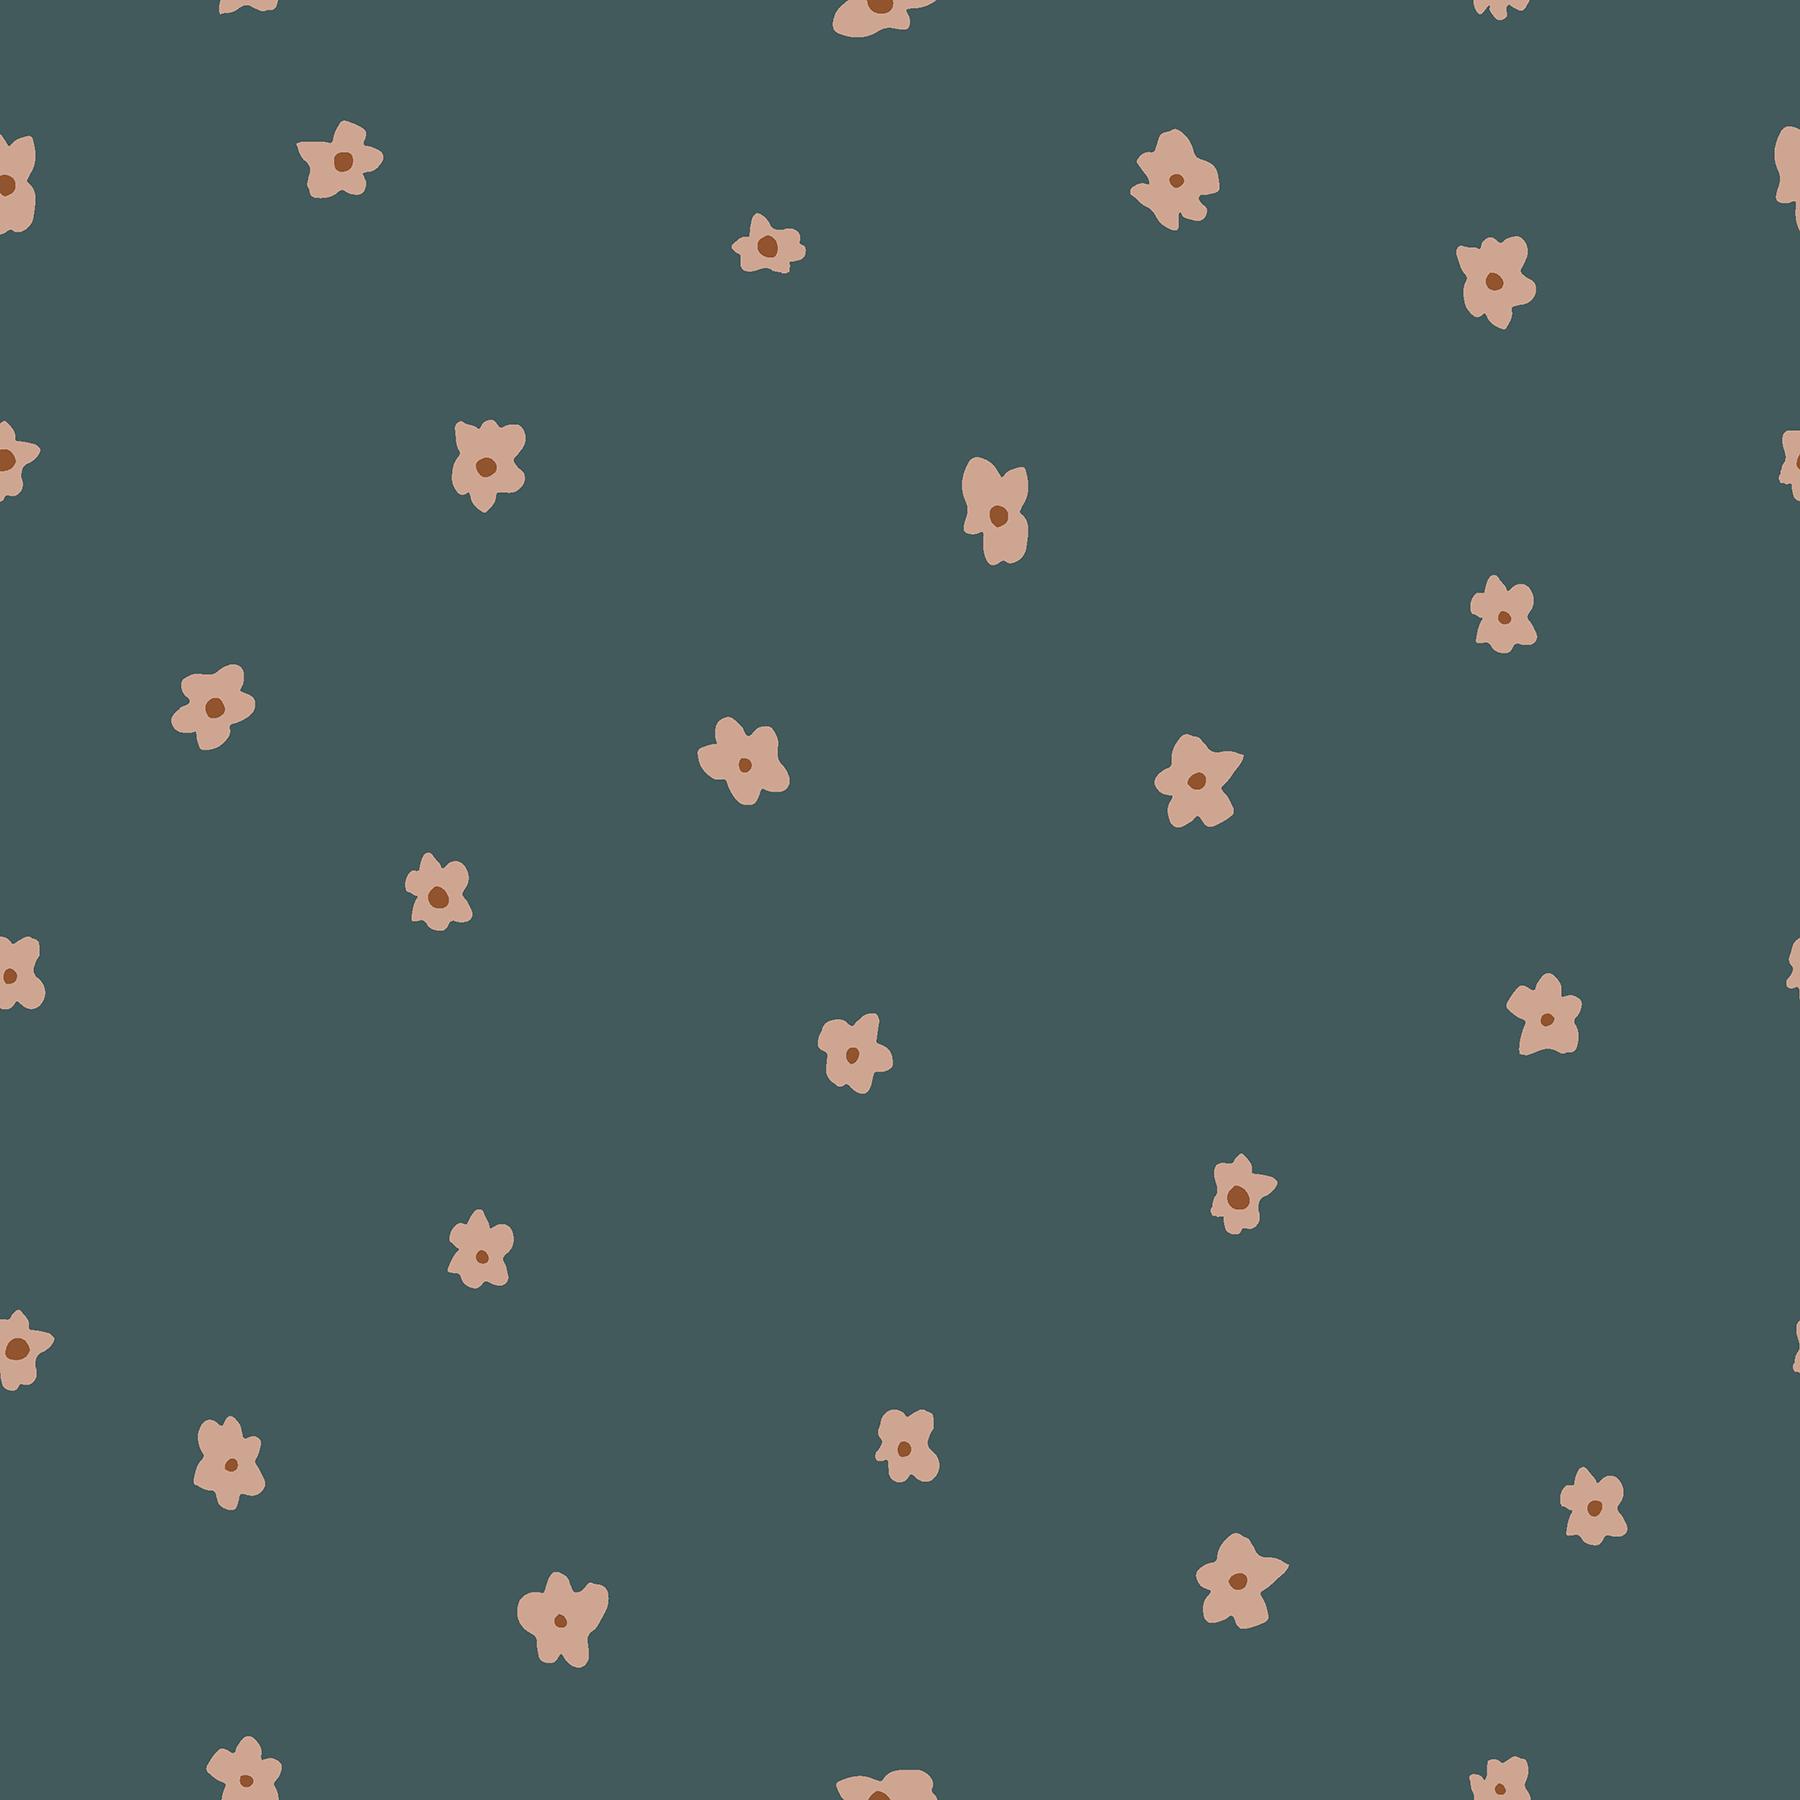 Cotton Poplin- Dear Isla- Posies- Hunter Green STH#11229579